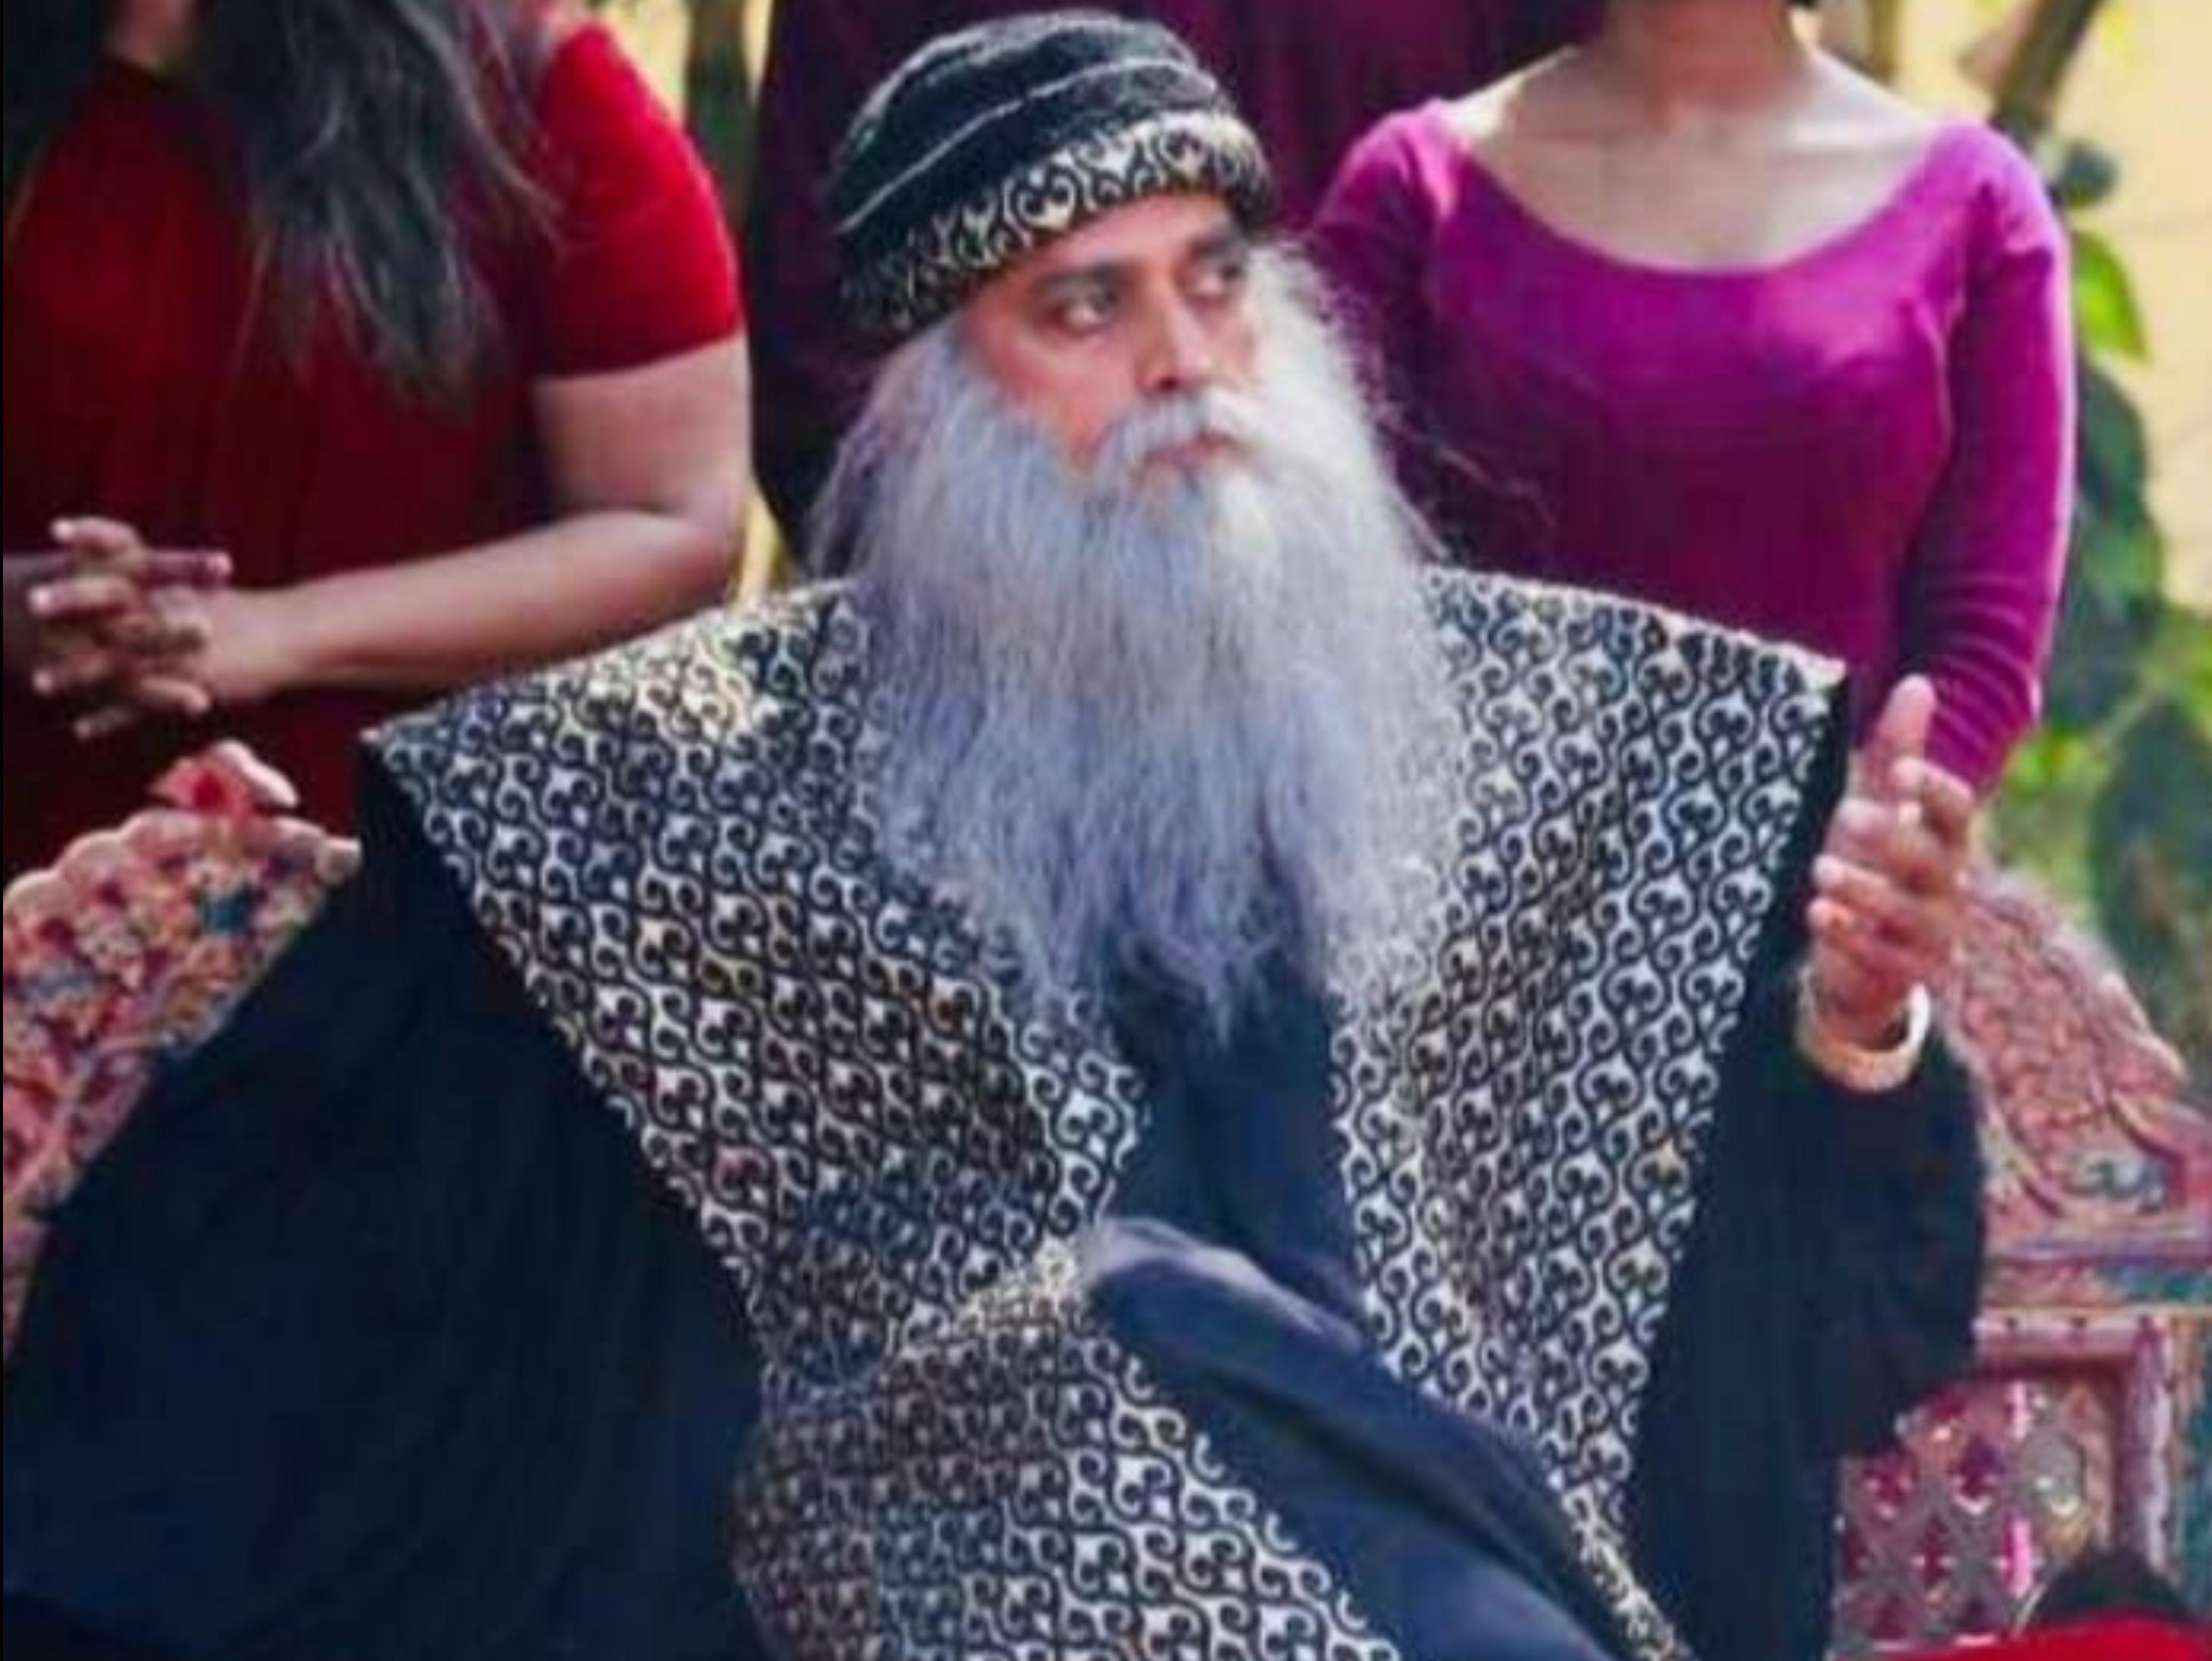 Before Aamir Khan Ravi Kishan will seen as spiritual master Osho Rajneesh in Secrets of Love | आमिर खान से पहले रवि किशन ने मारी बाजी, 'सीक्रेट्स ऑफ लव' में आध्यात्मिक गुरु